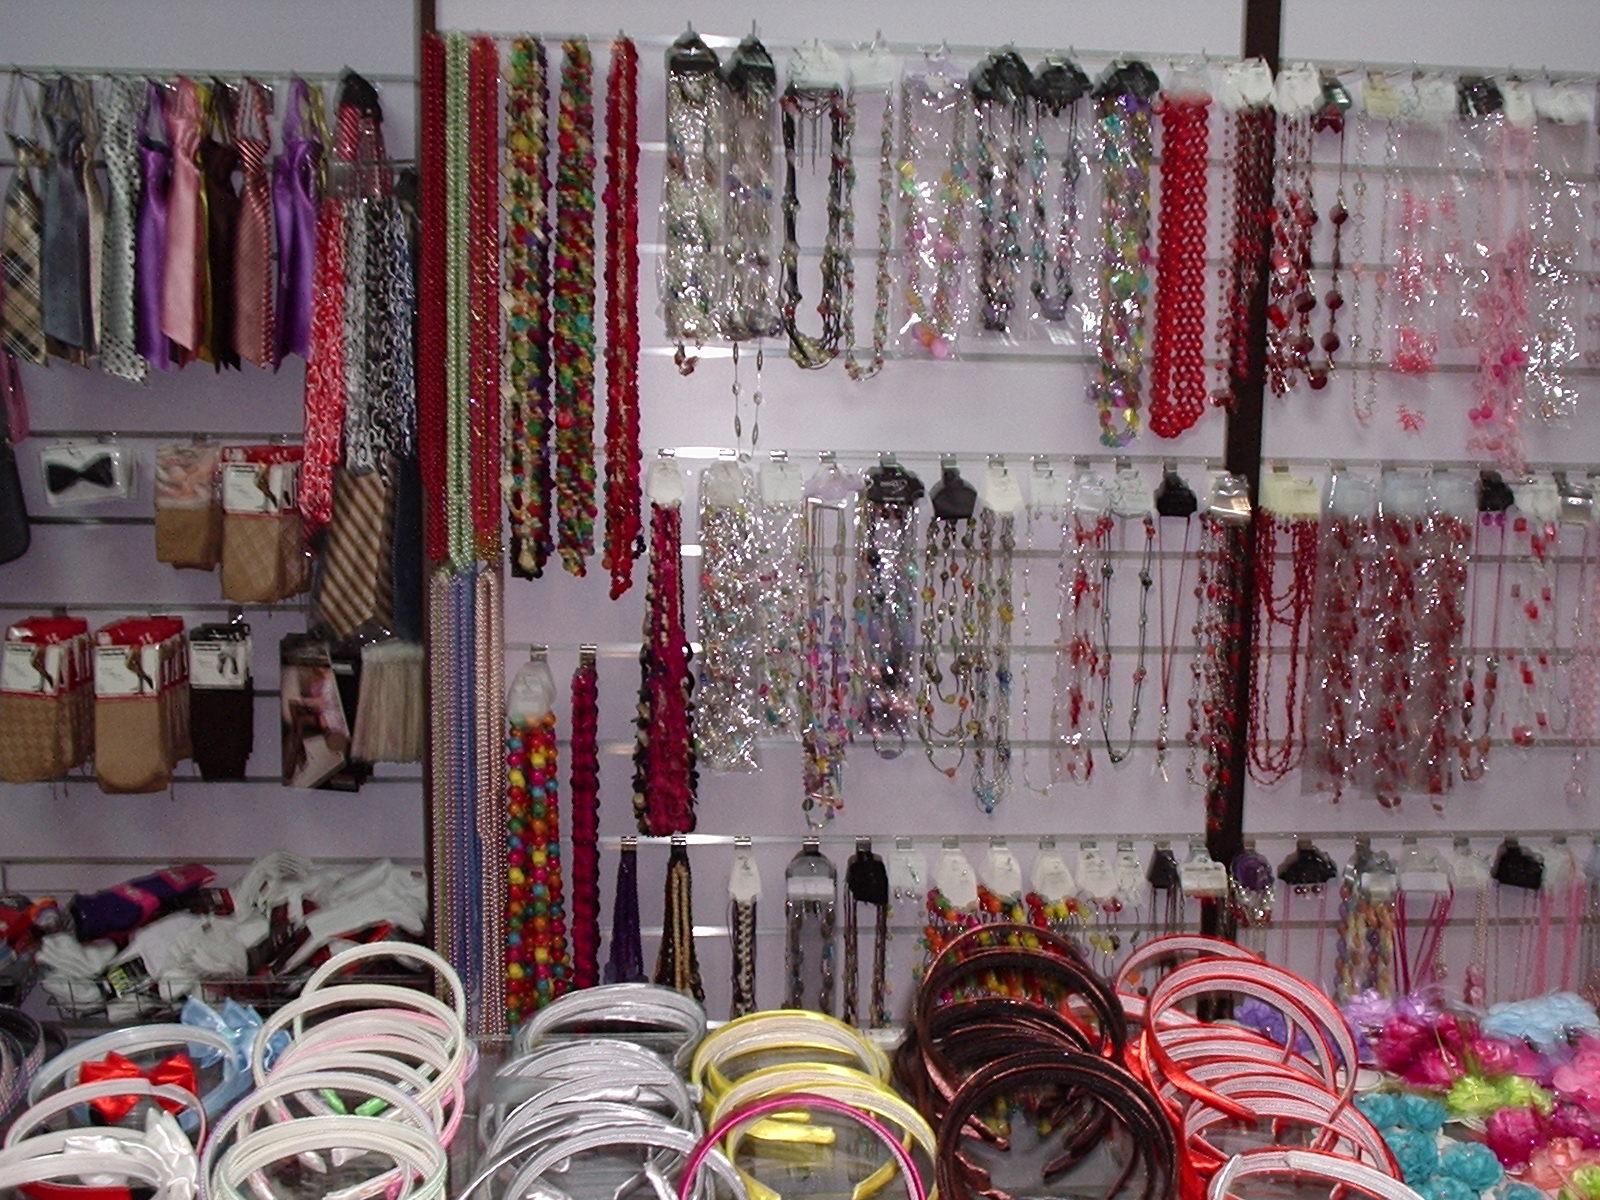 Tiendas mayoristas todo a 2 euros bisuteria moda y - Complementos de bisuteria ...